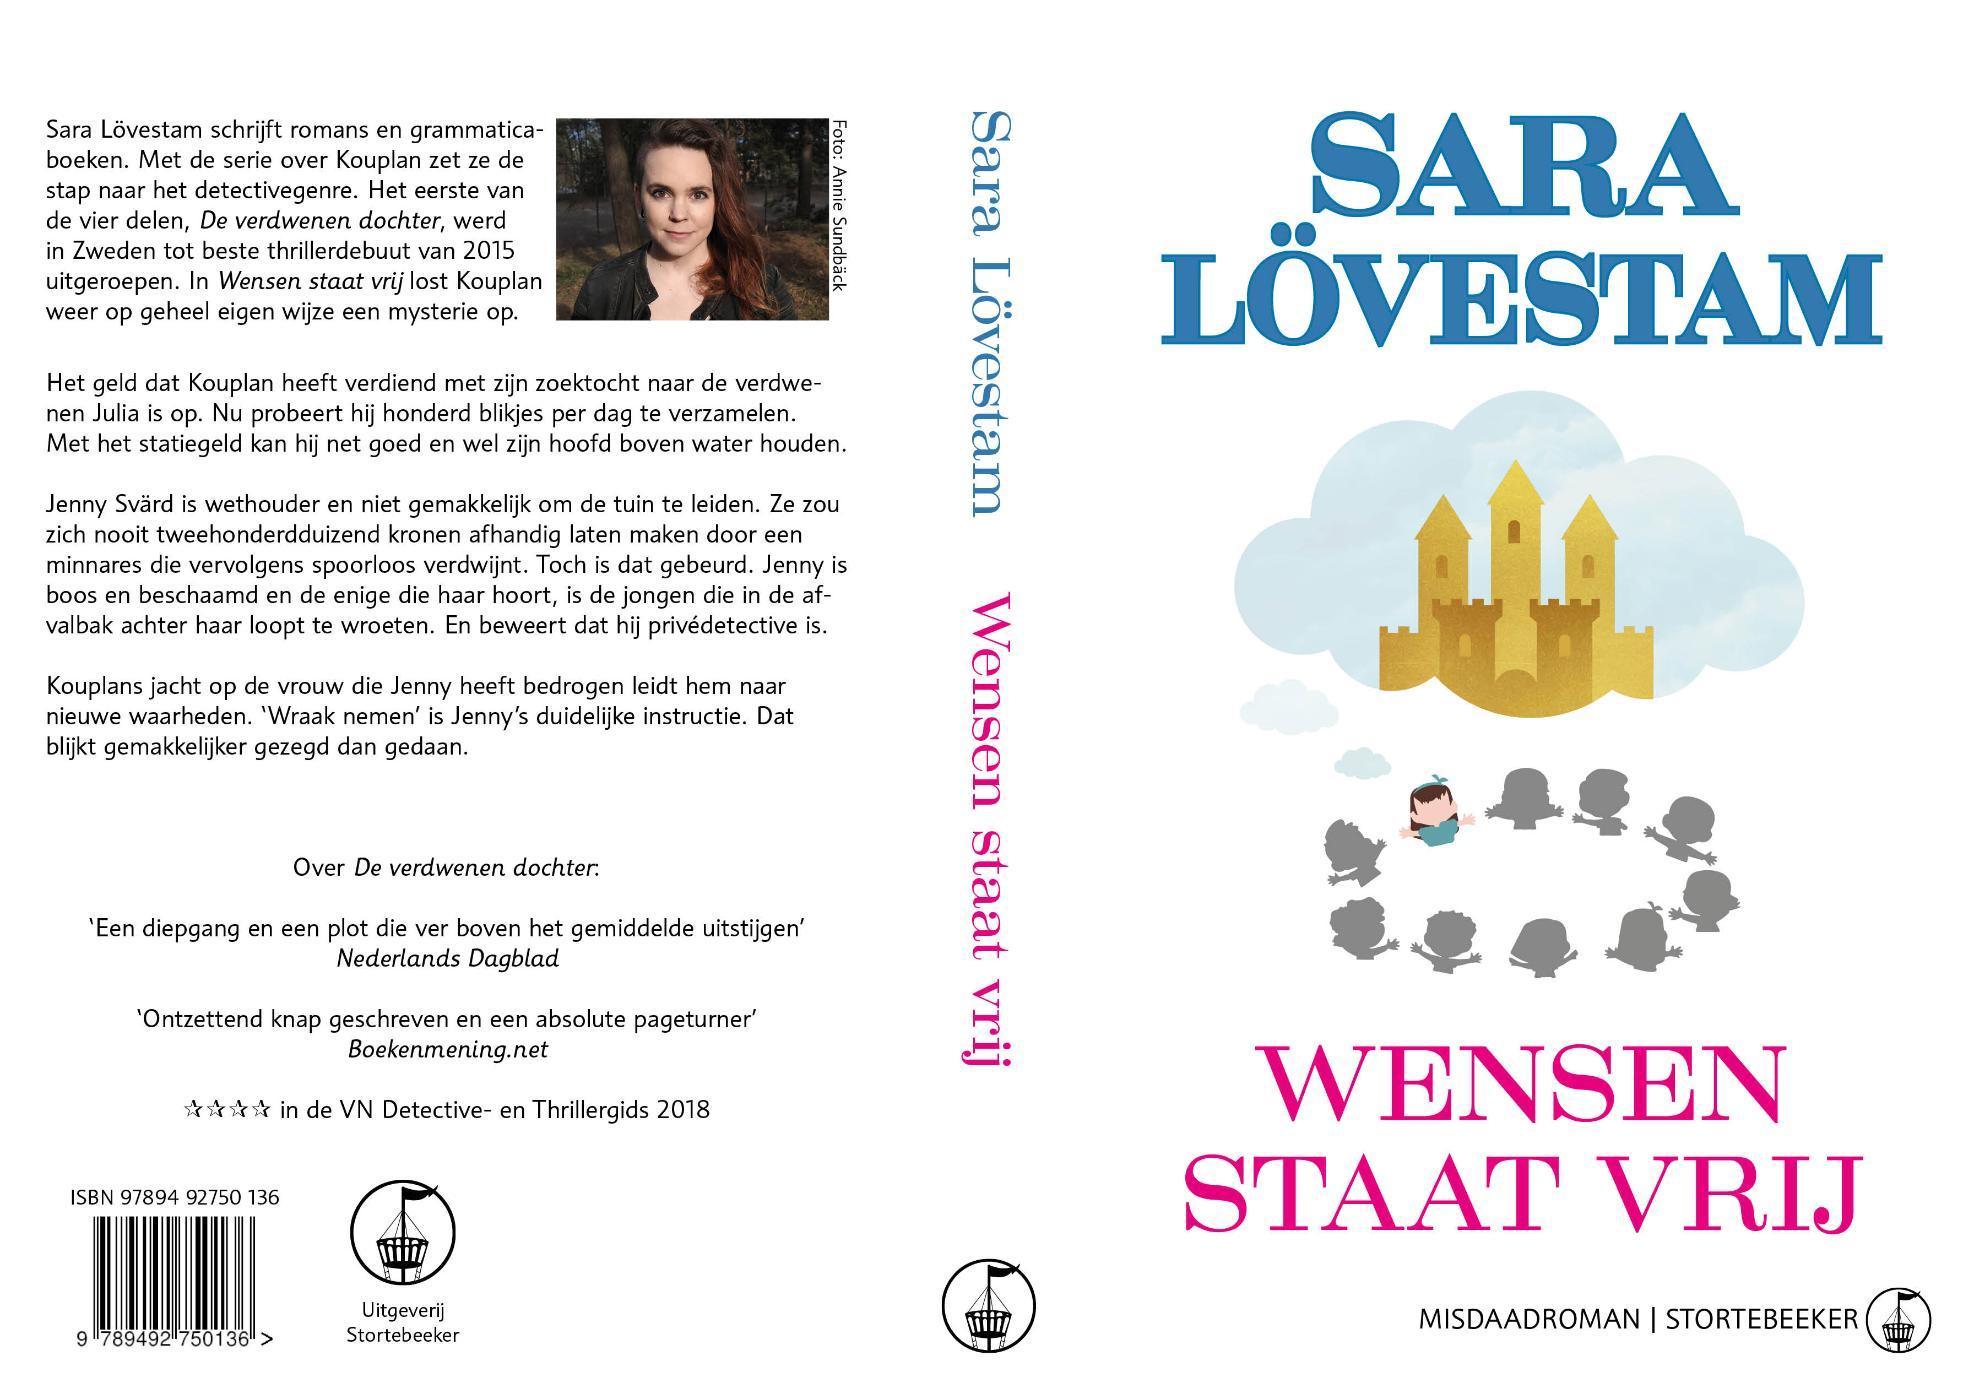 Cover Wensen staat vrij